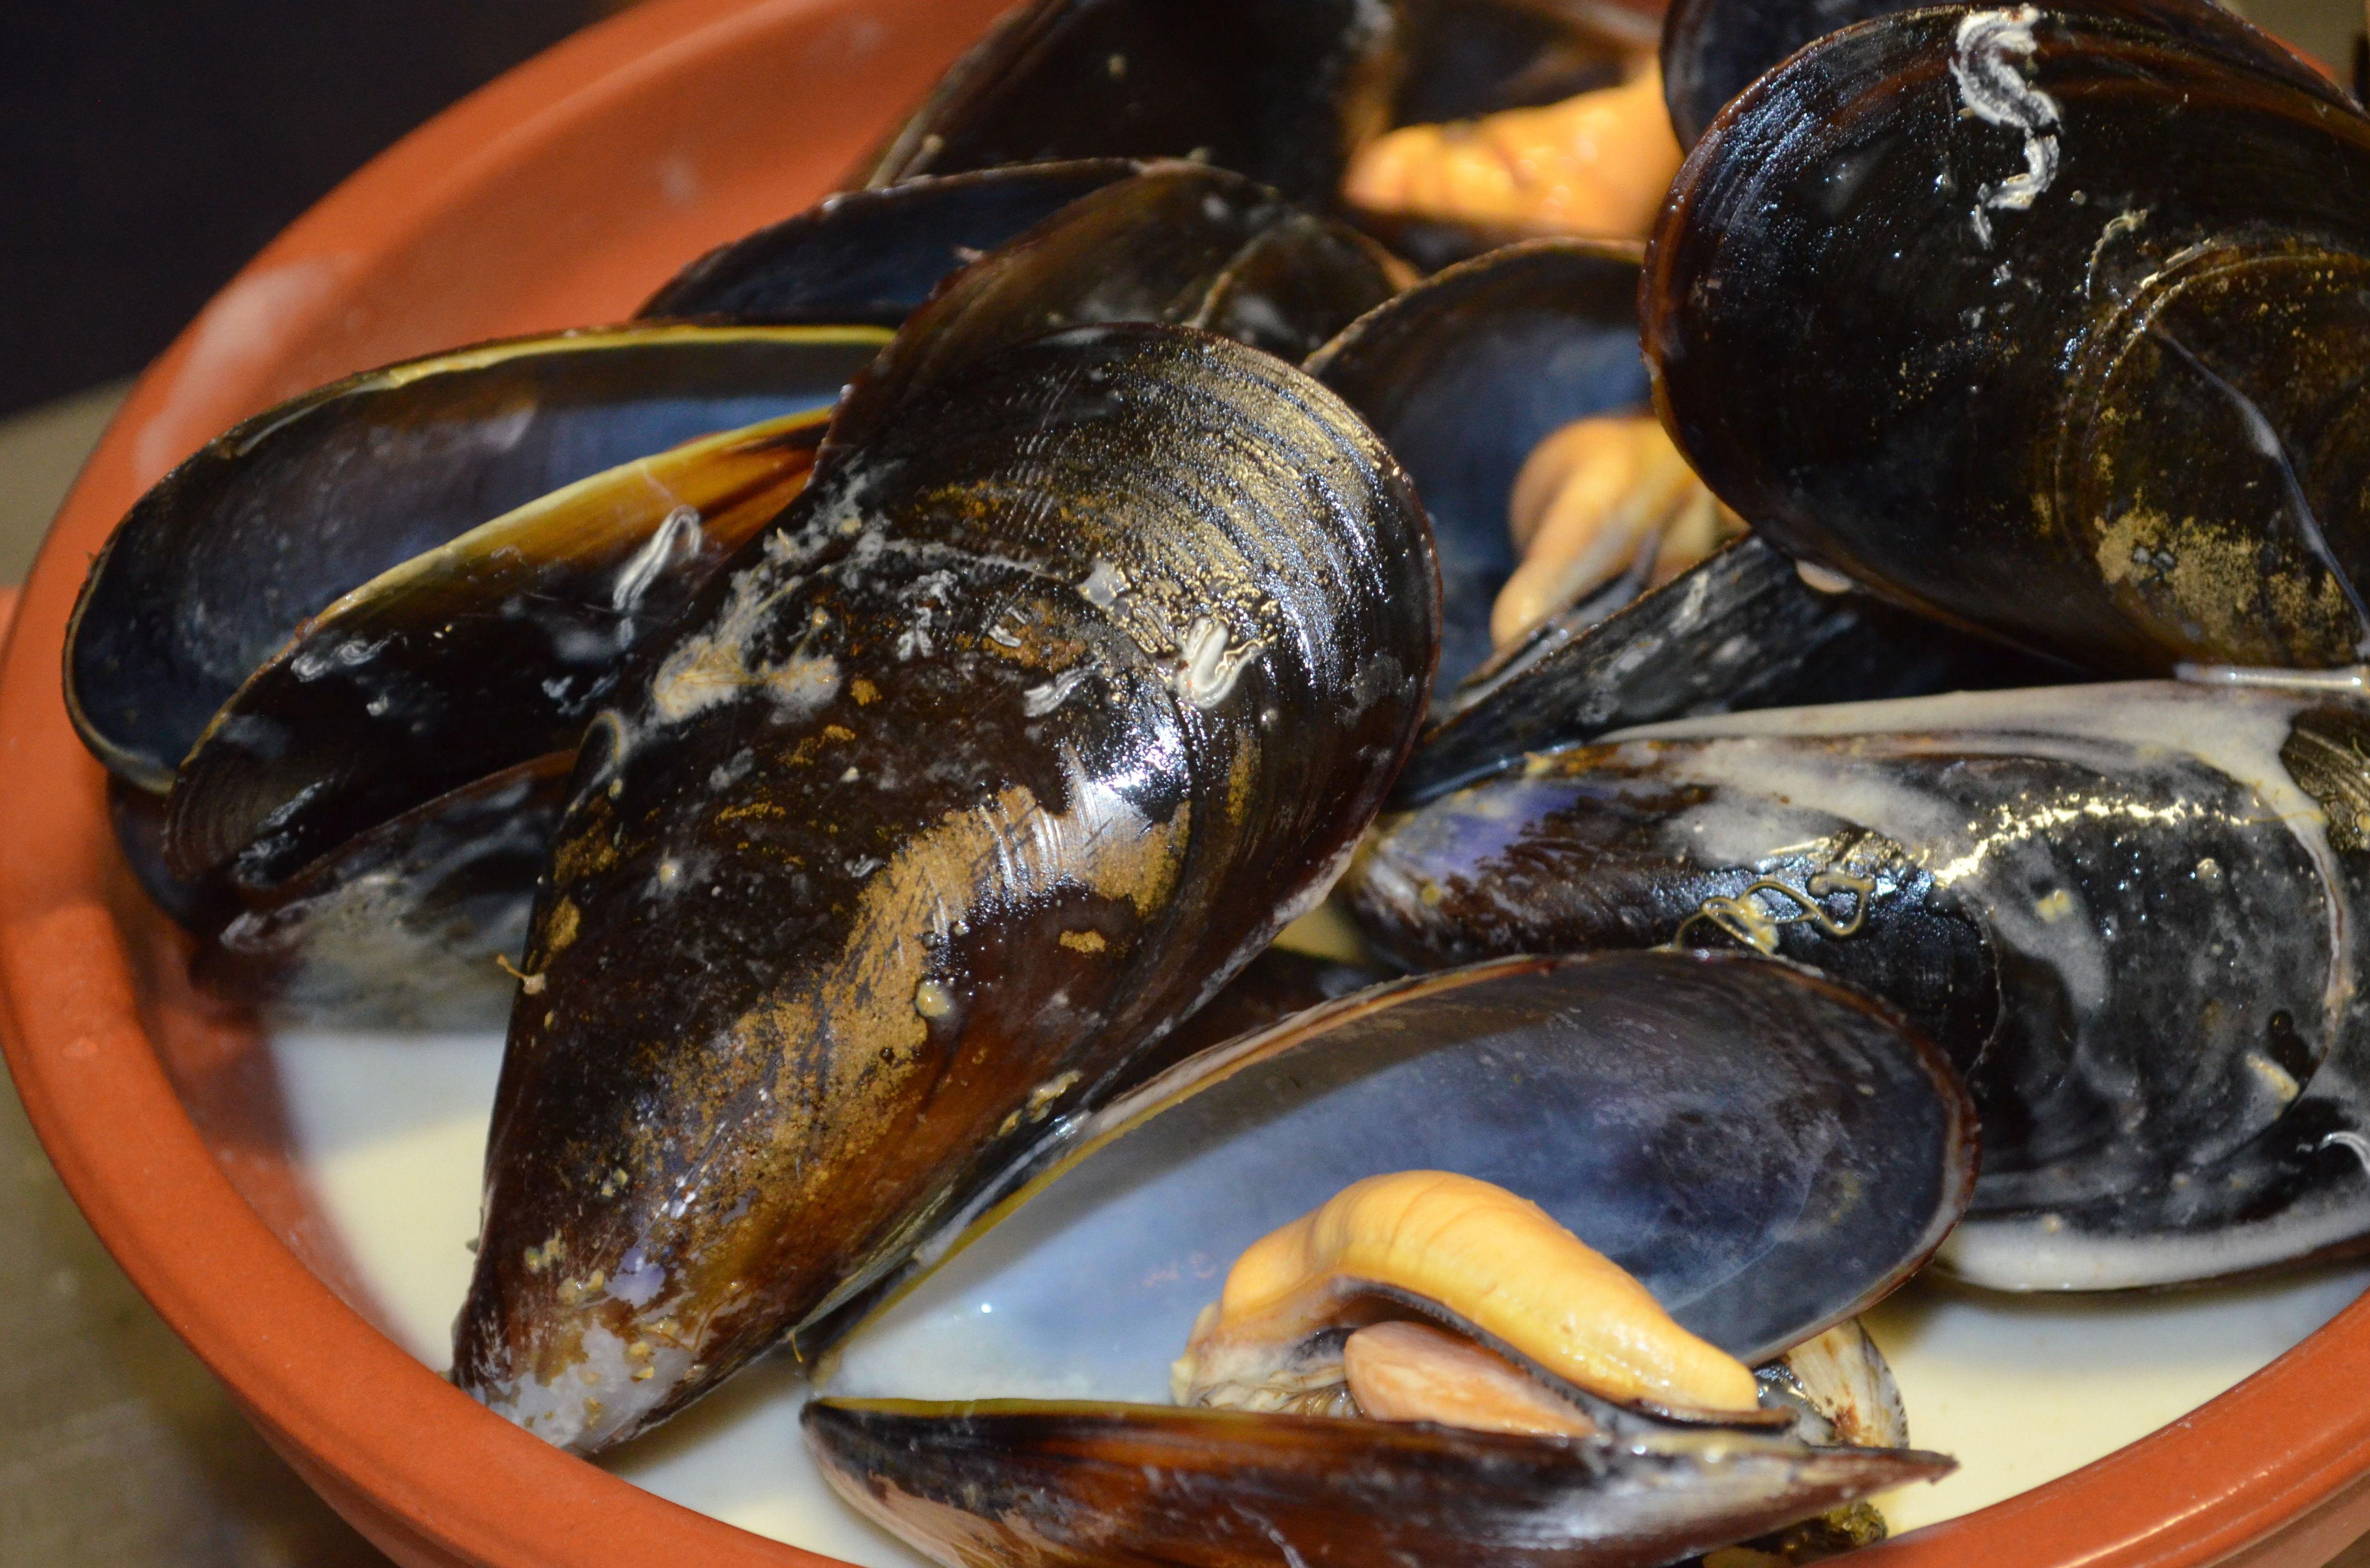 Foto 15 de Cocina mediterránea en Santa Eulària des Riu | Restaurante Parrilla con huerto propio (ESTAMOS CERRADOS HASTA EL 01/04/2019)